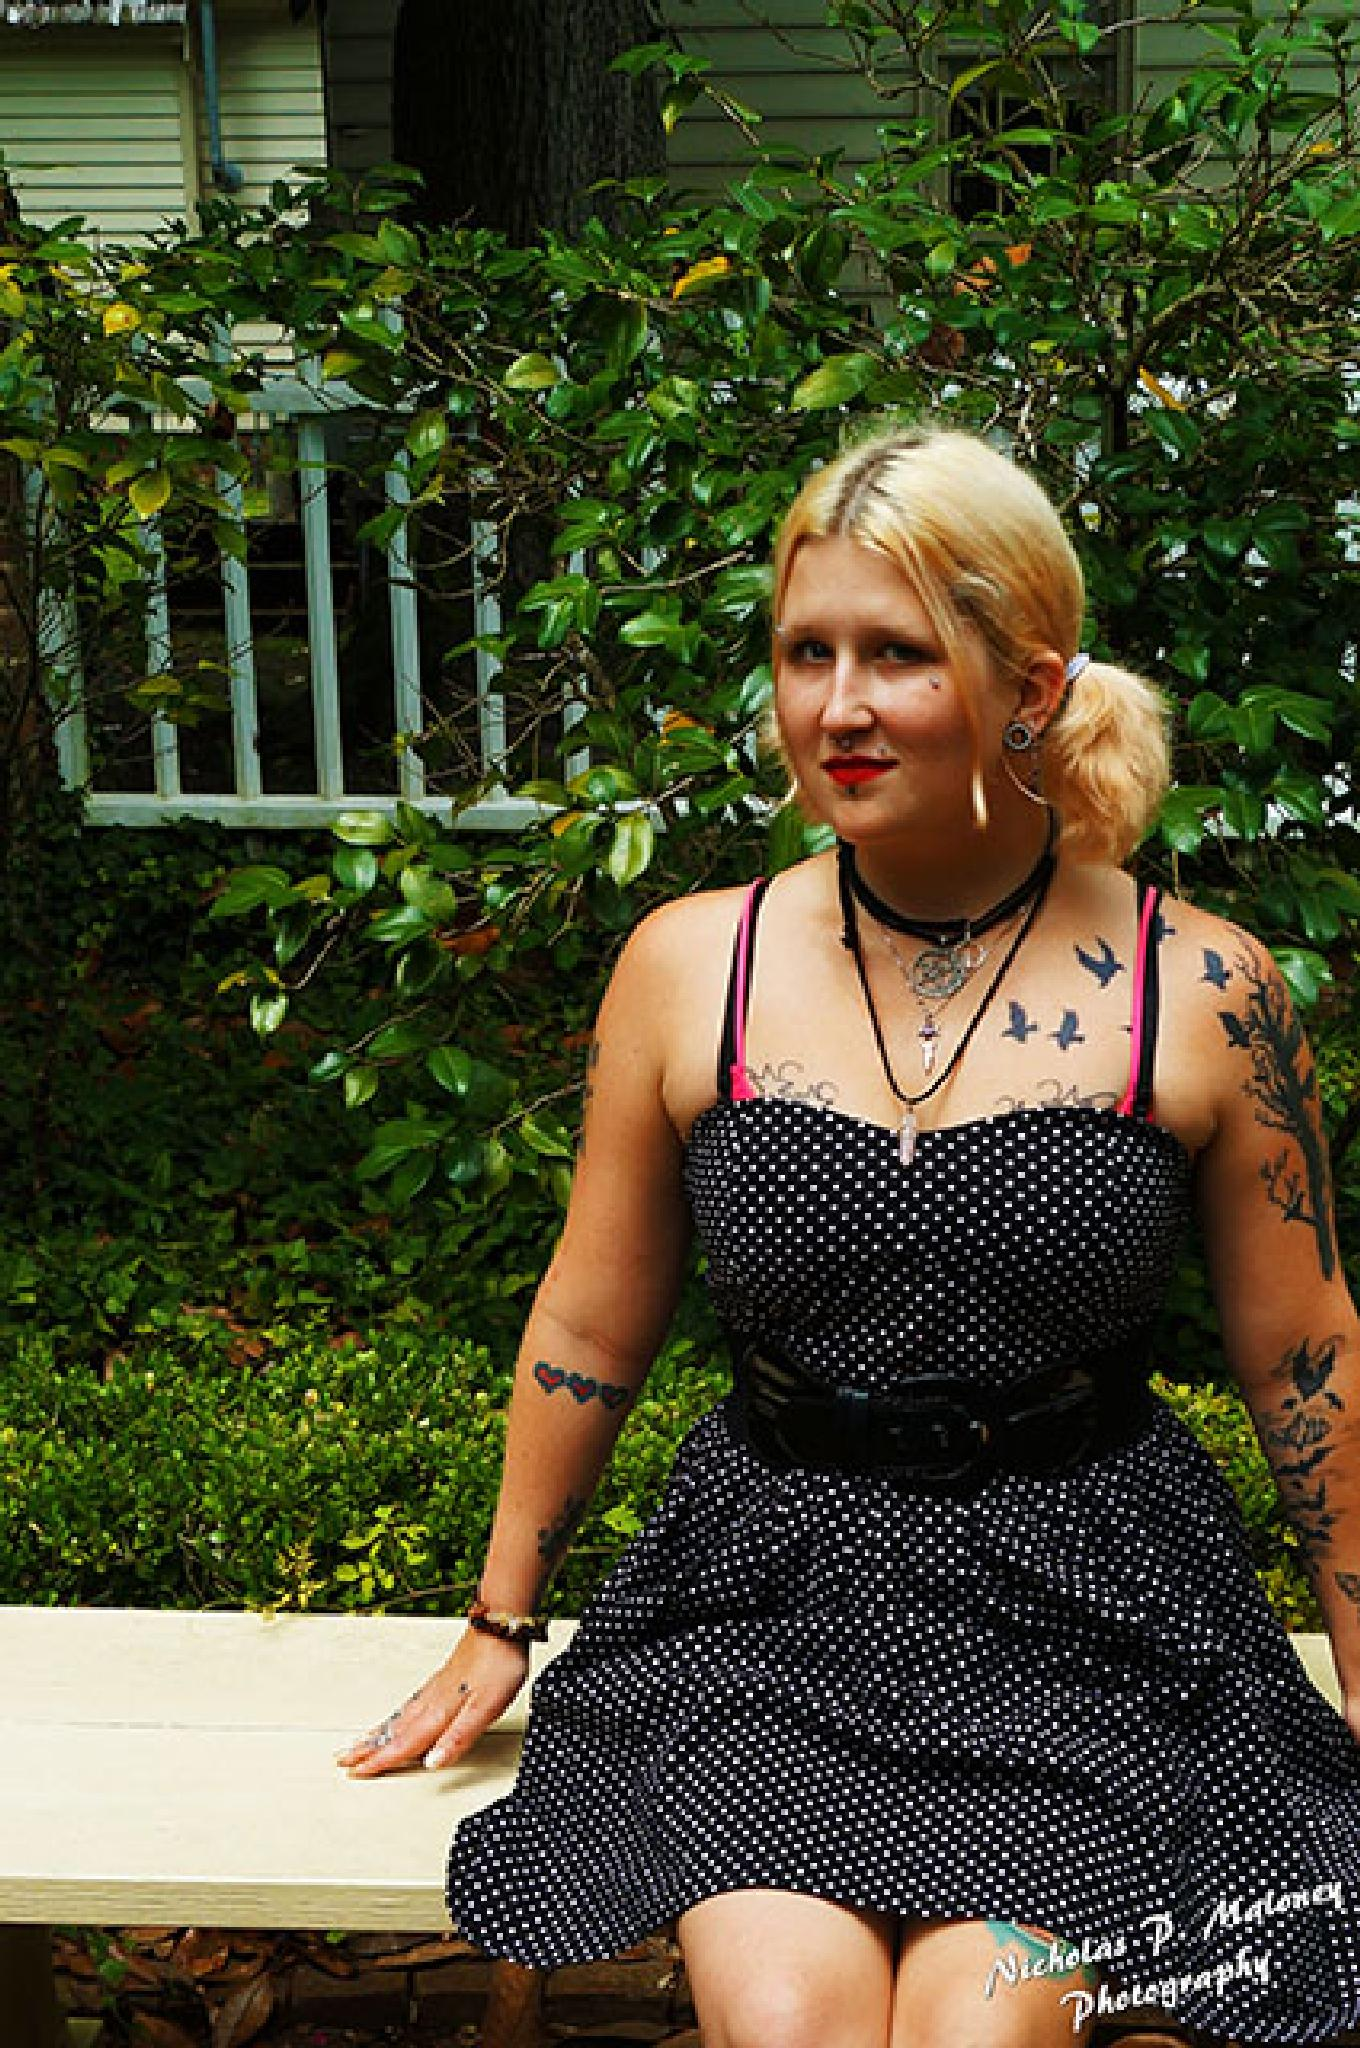 Black polka dot dress by NPM.Studios